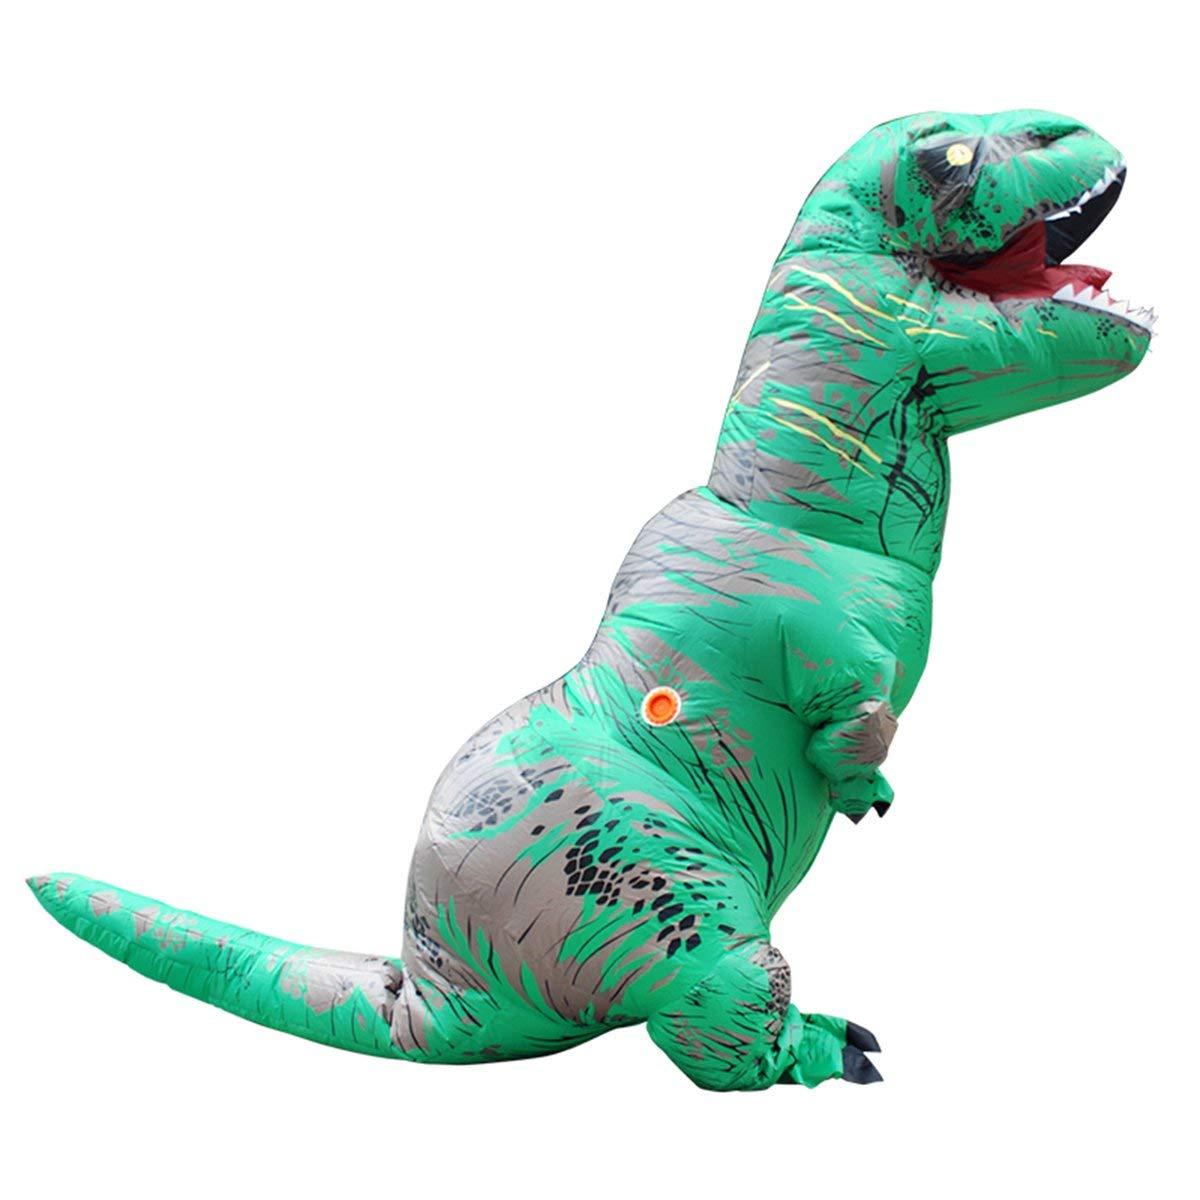 Gugutogo Costume Animale Gonfiabile Diverdeente di Cosplay del Partito del Dinosauro per verde Adulto verde